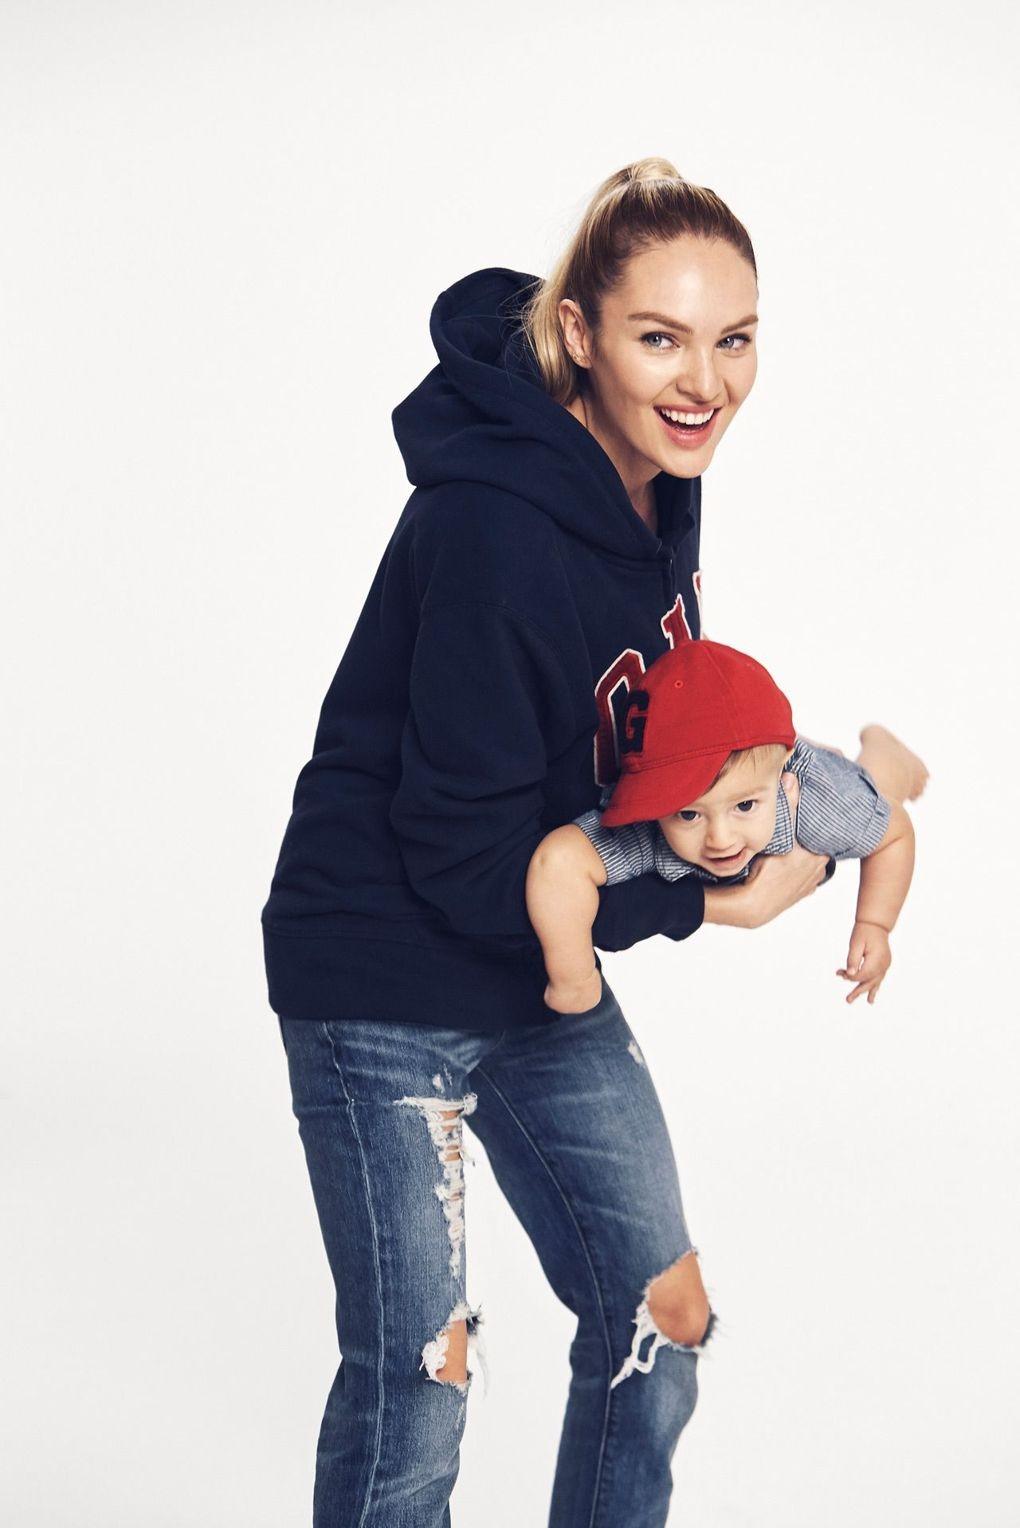 Candice Swanepoel fala sobre maternidade – e estrela ensaio com o pequeno Anacan (Foto: Divulgação)